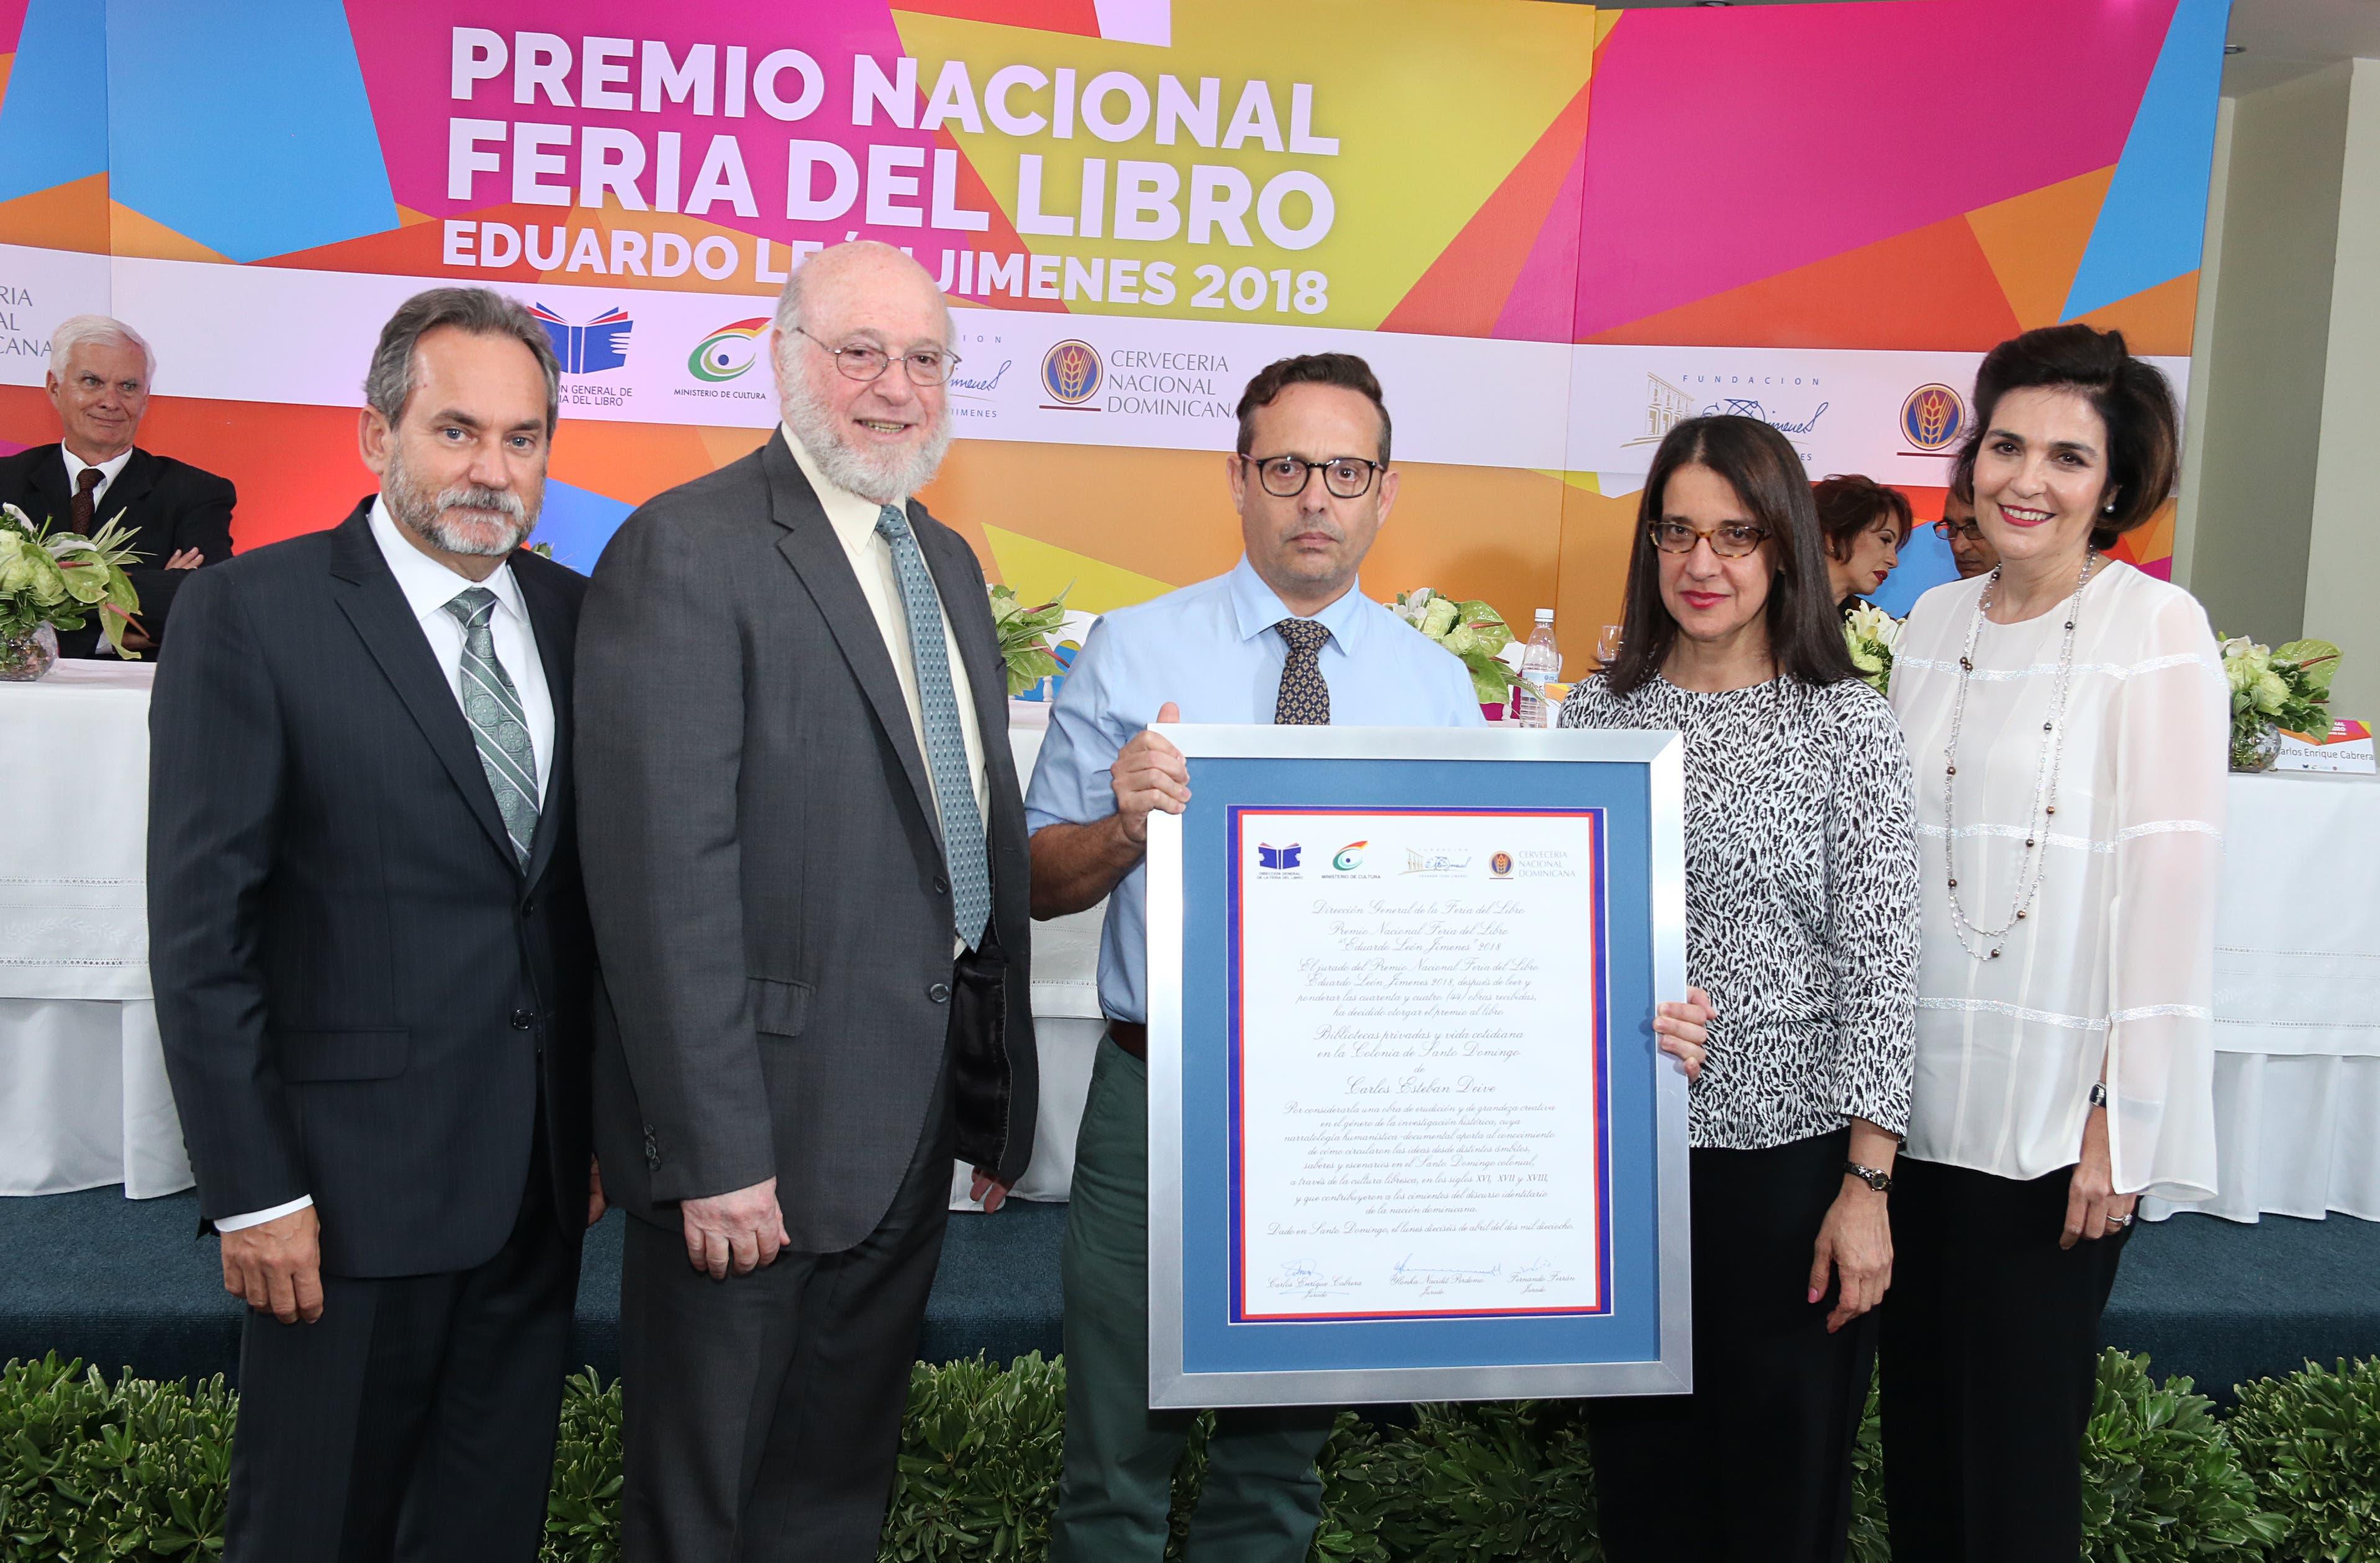 Escritor Carlos Esteban Deive gana el Premio Nacional Feria del Libro Eduardo León Jimenes